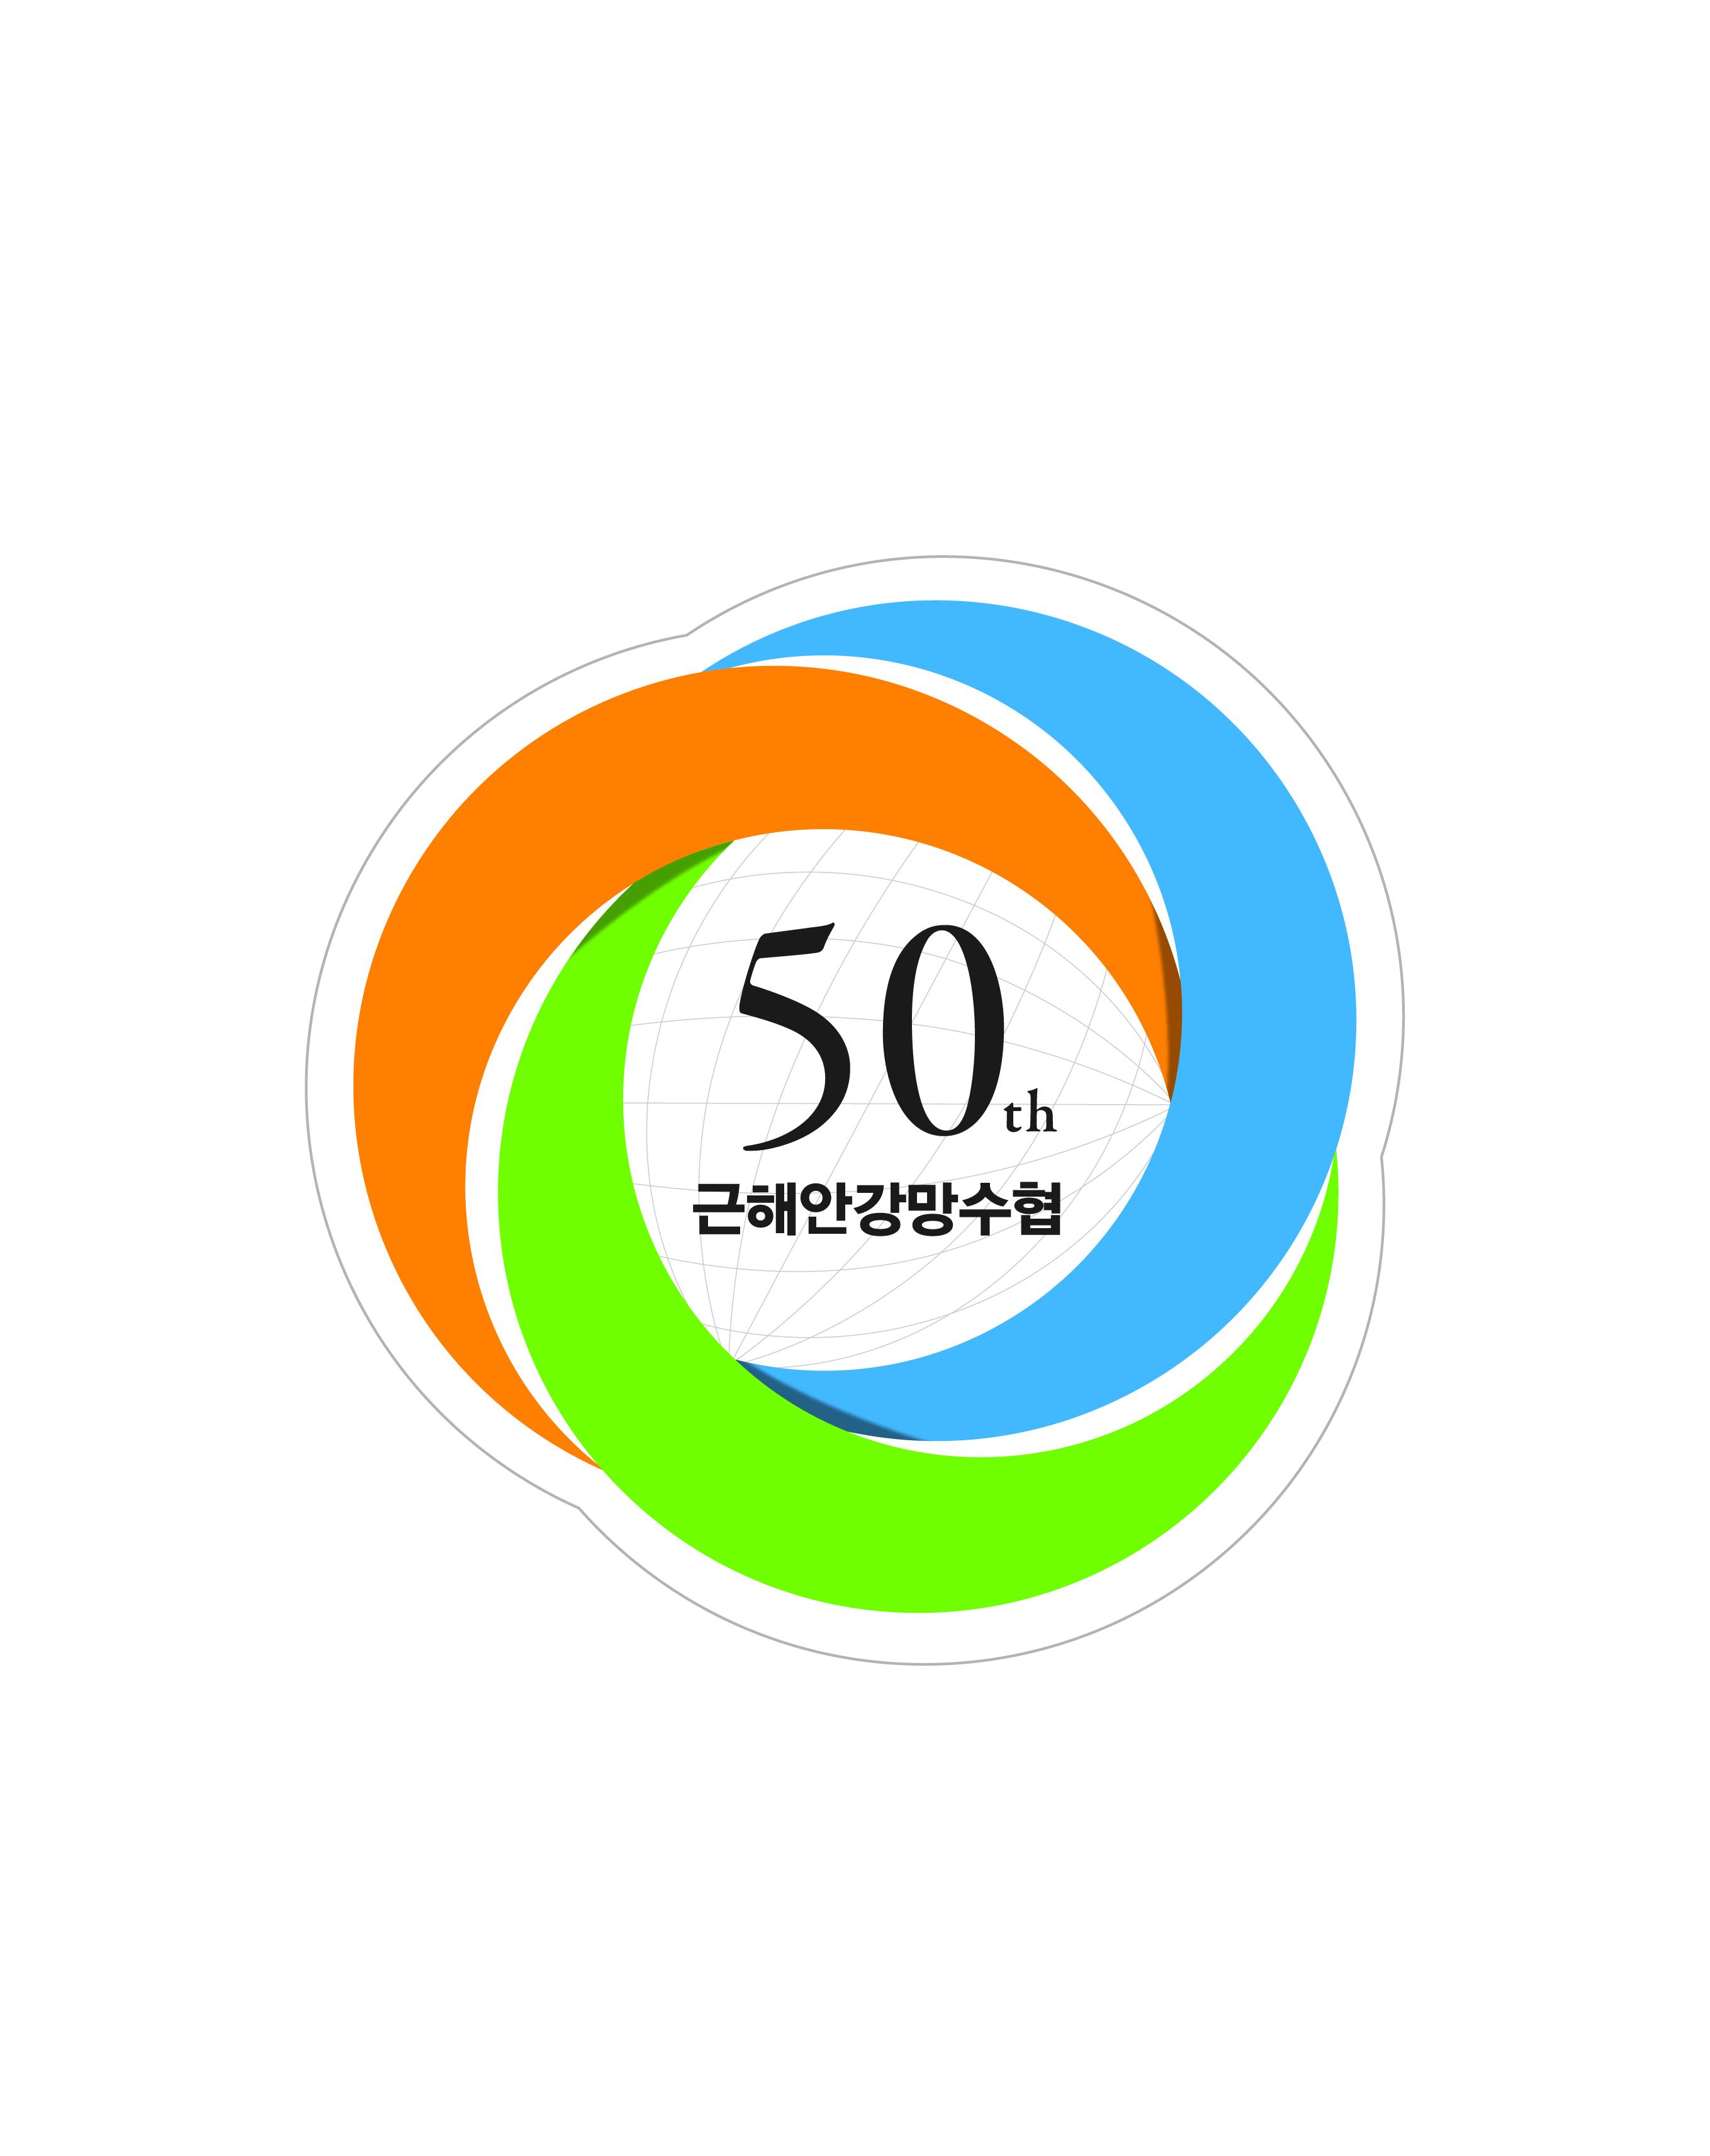 근해안강망수협 50주년 엠블럼-최종-02.jpg